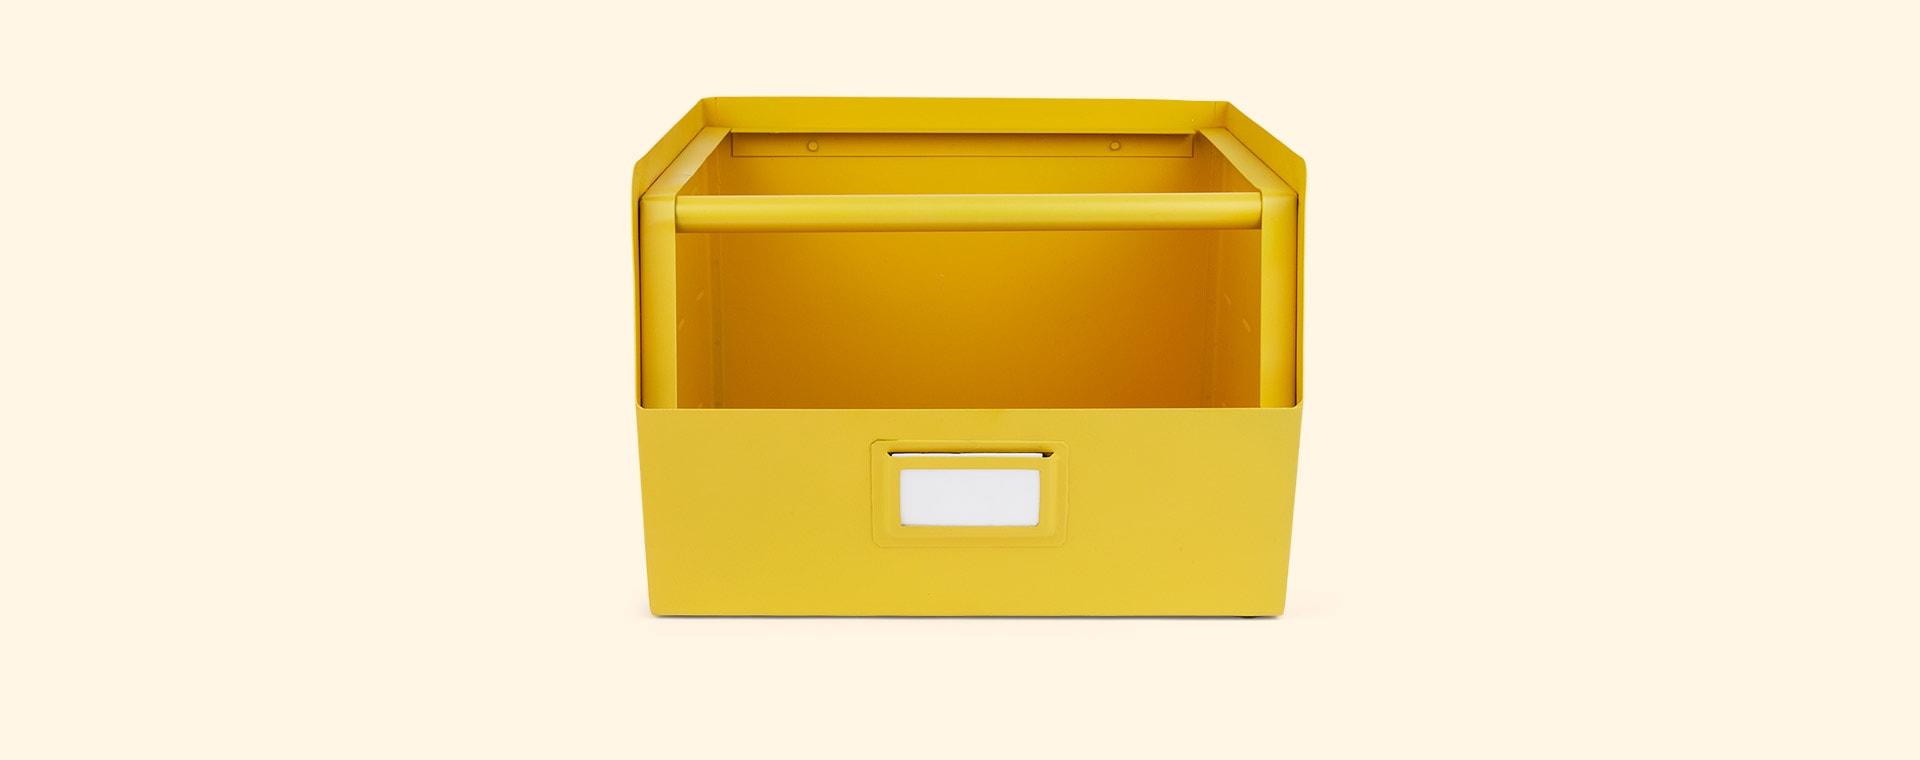 Yellow Kids Depot Metal Storage Box